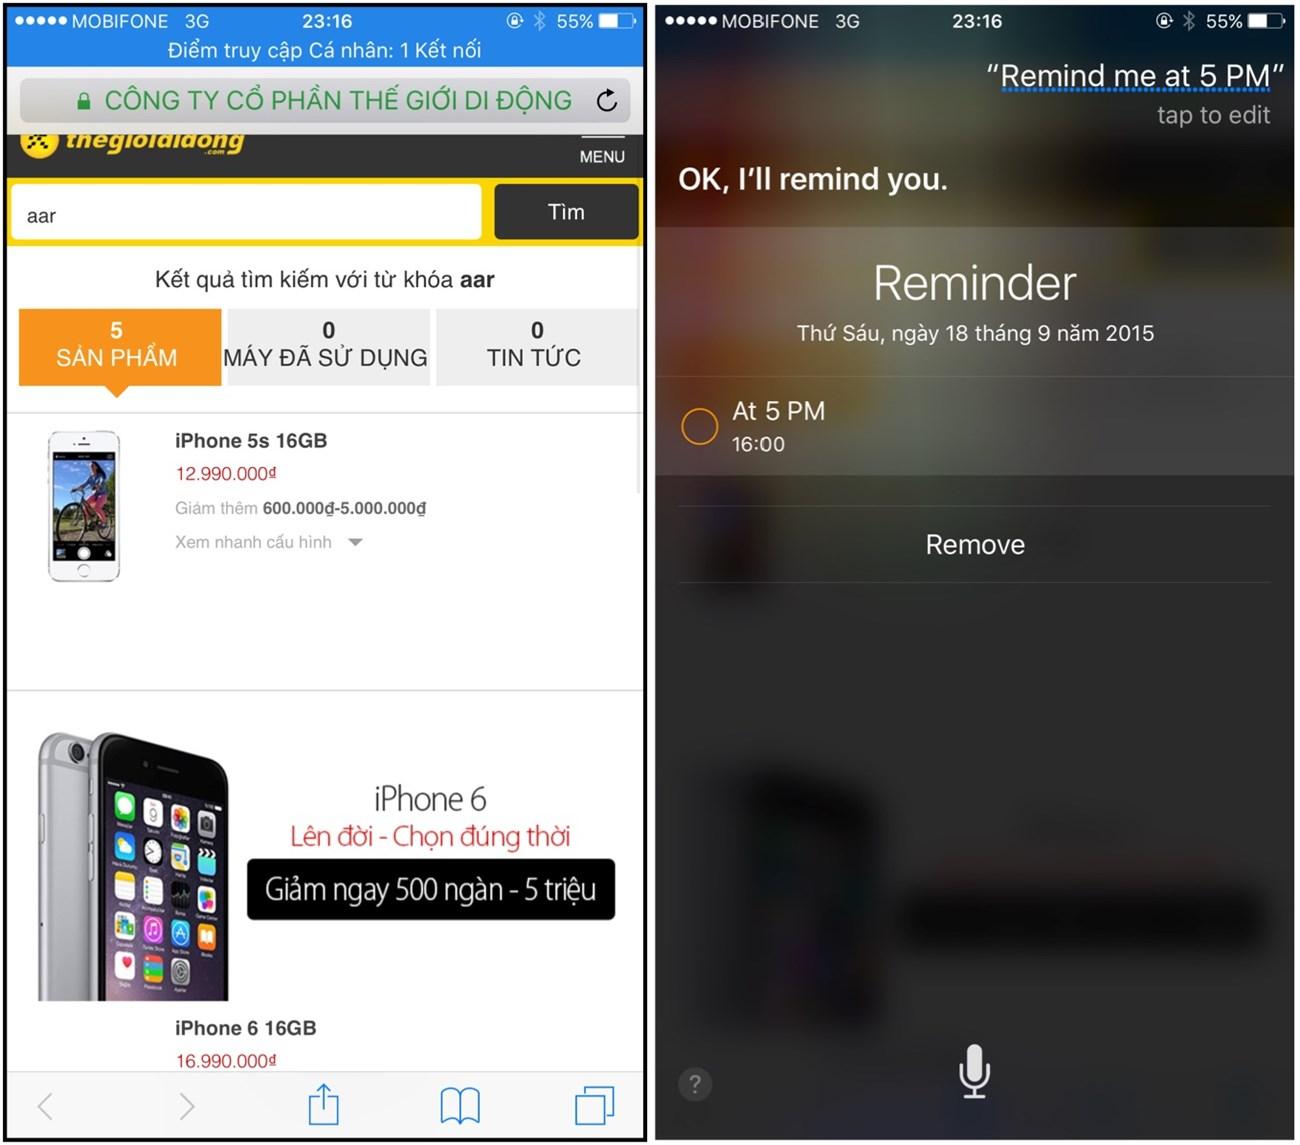 yêu cầu Siri đặt lịch nhắc nhở khi đang trong ứng dụng khác